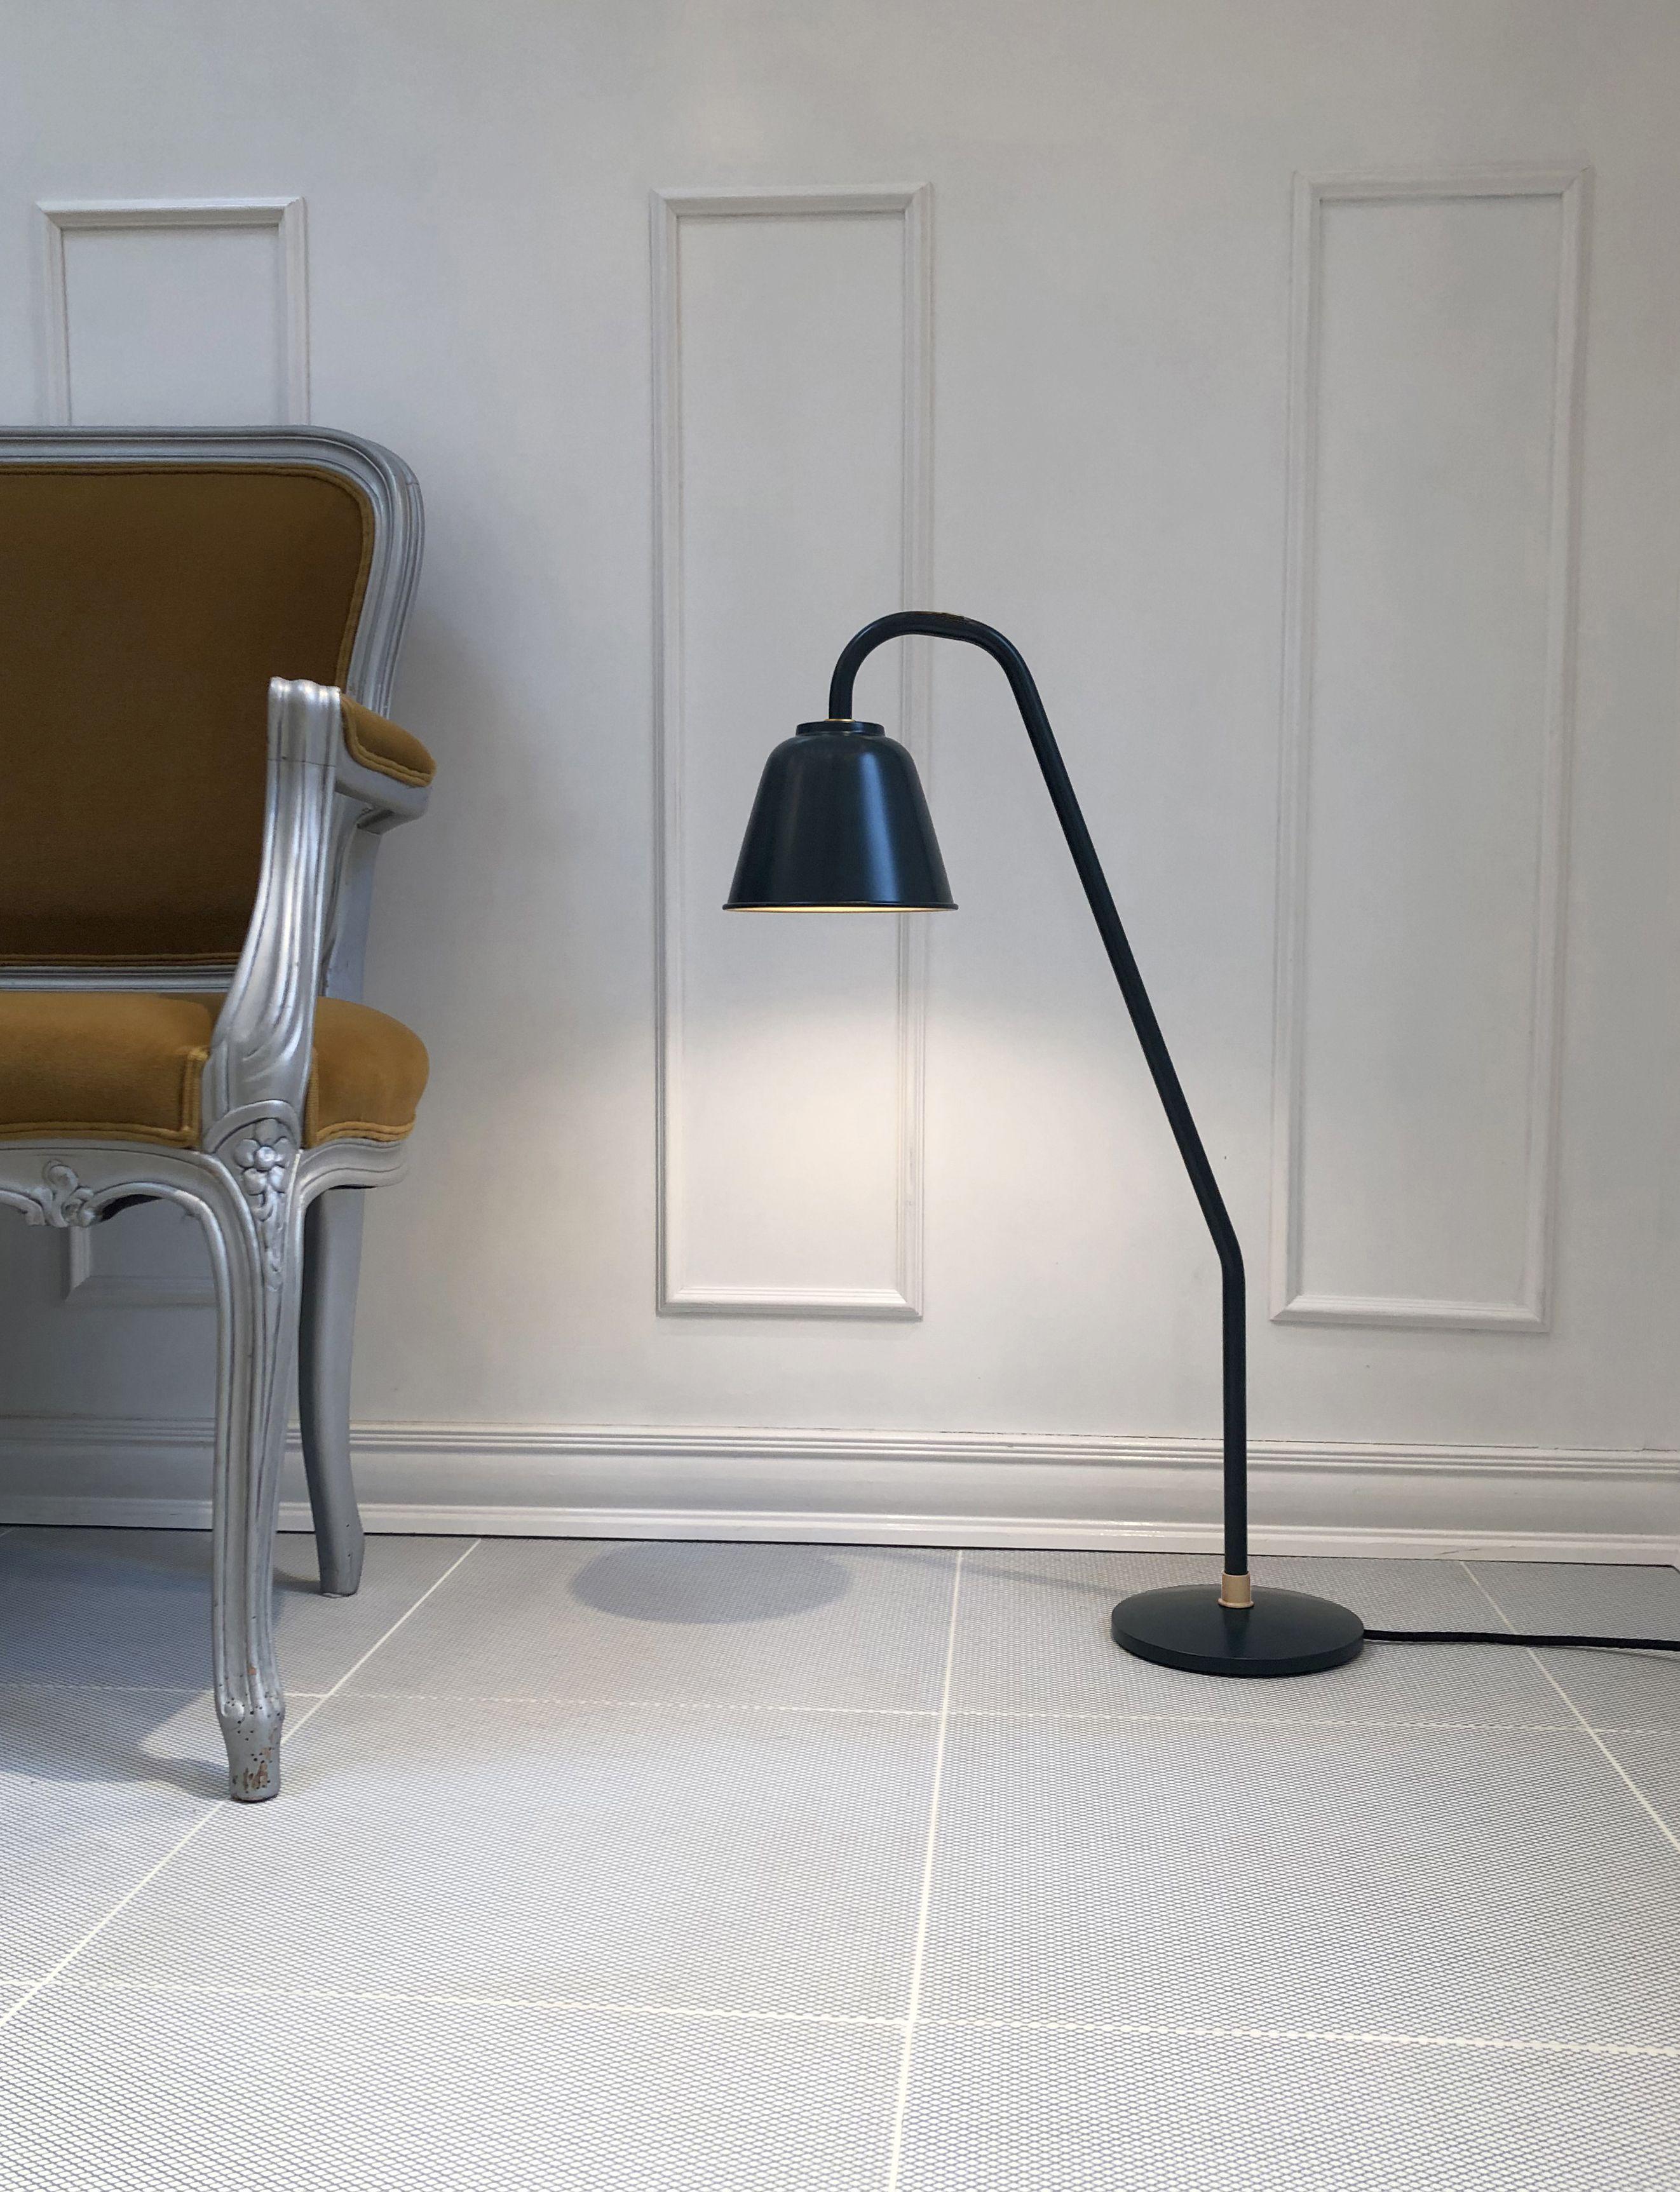 Webster Table And Floor Lamp Scandinavian Design Desk Modern Scandinavian Design Lamp